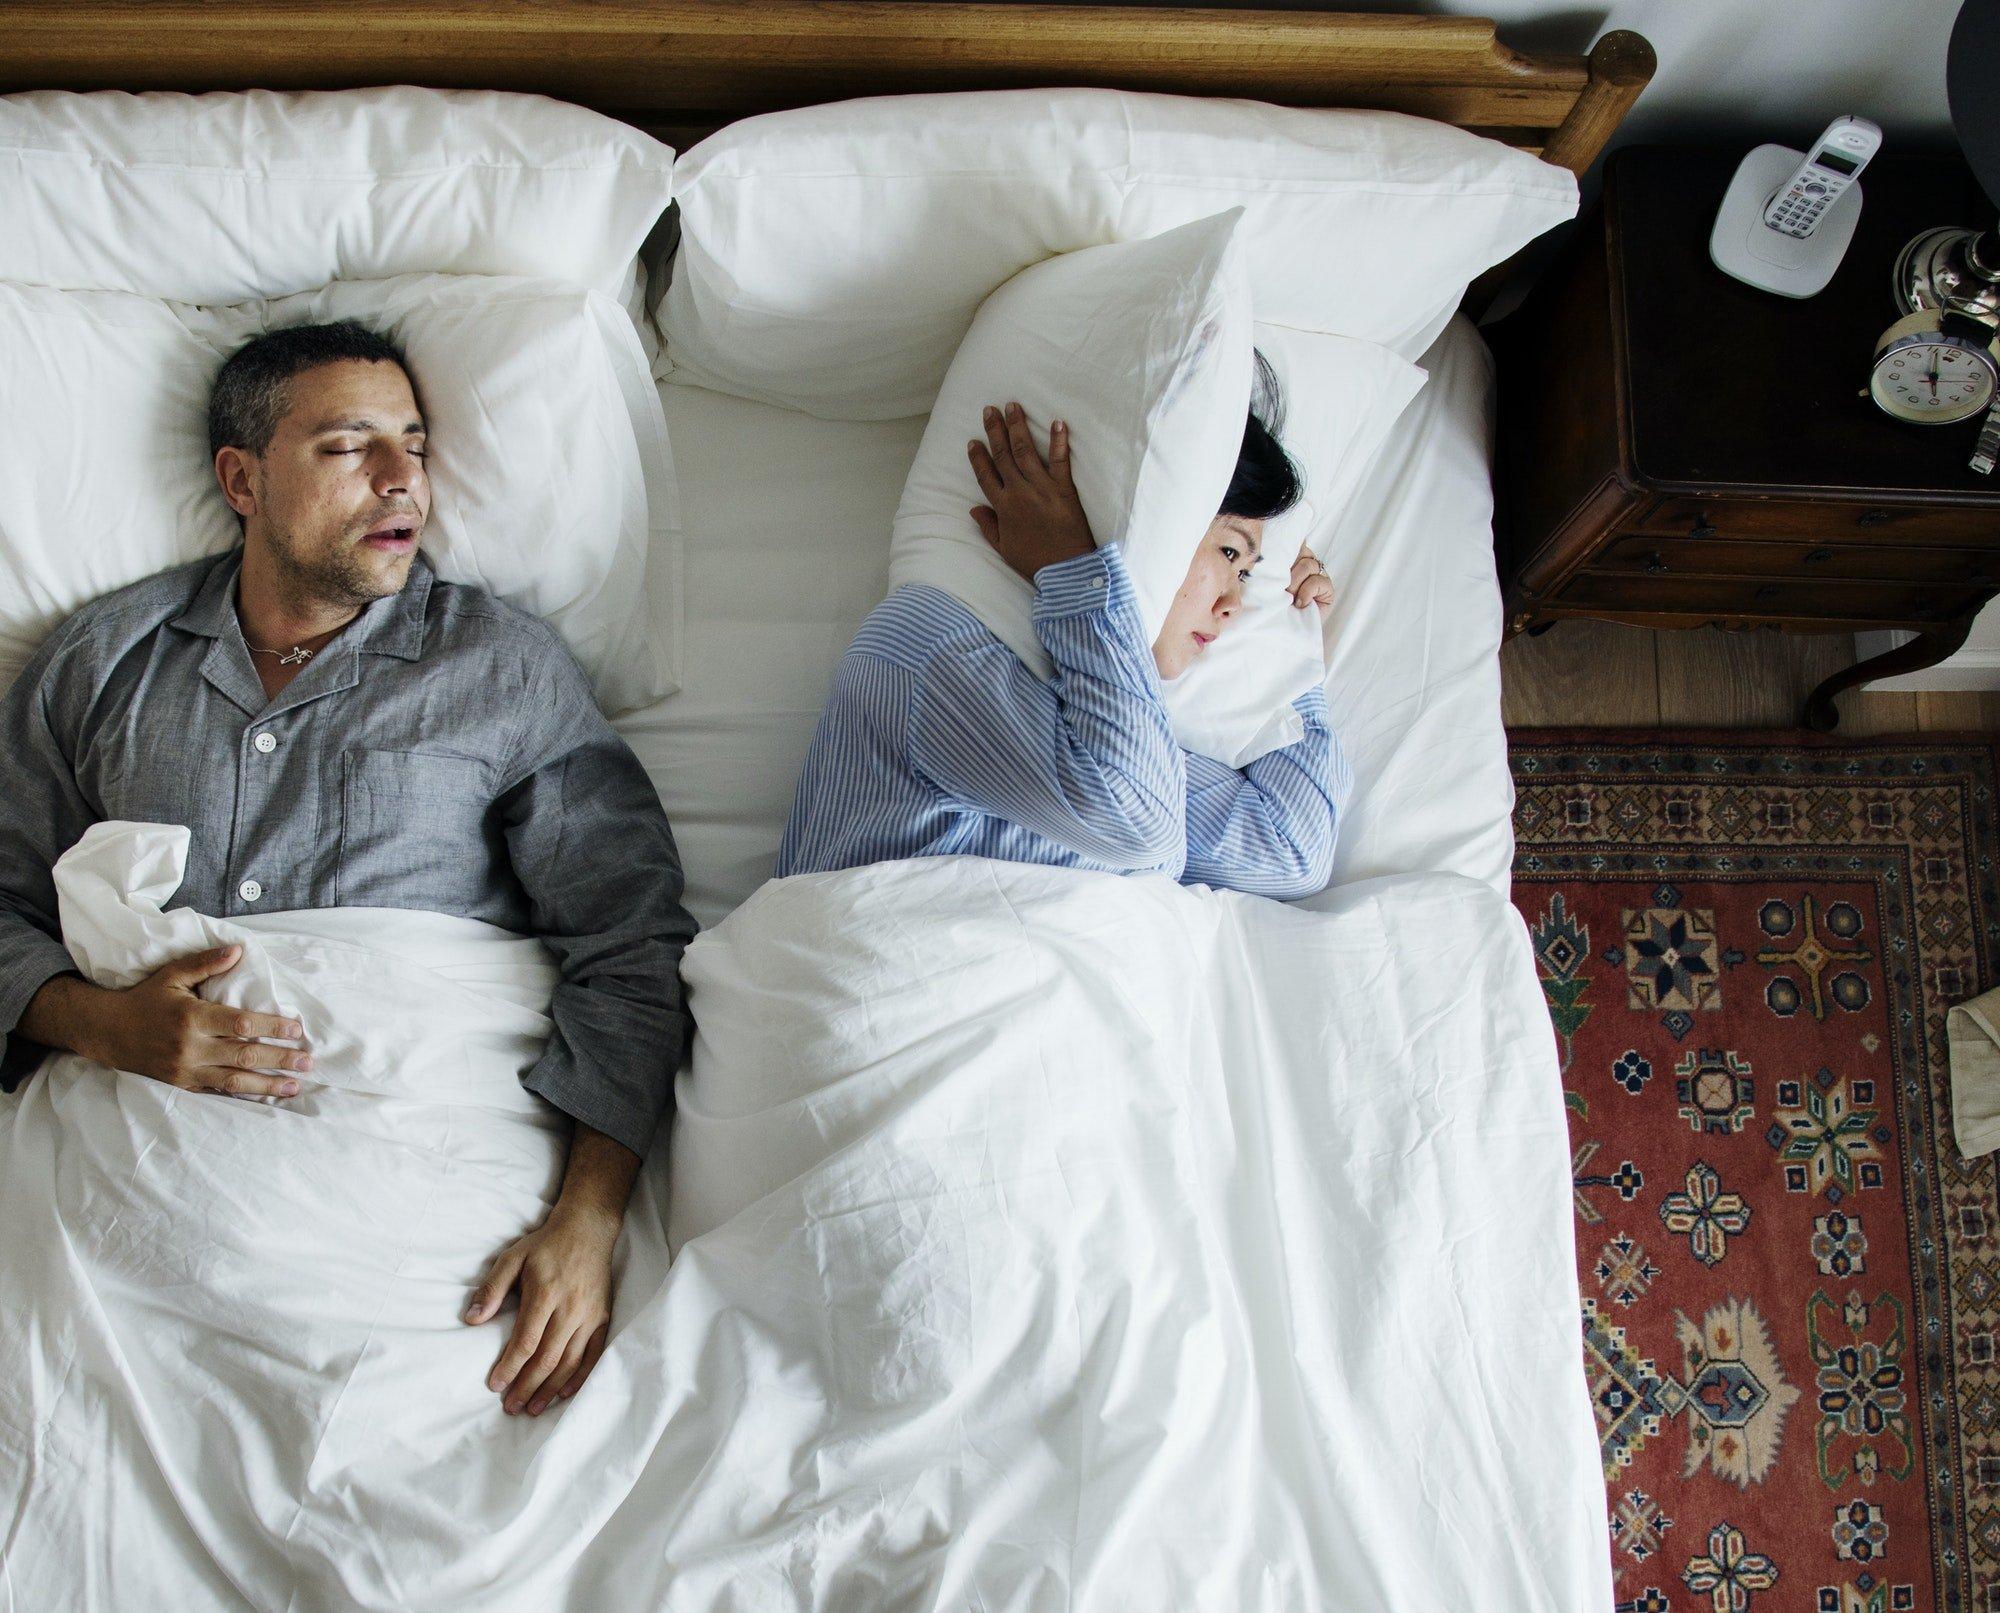 Marito con problemi di russamento disturba la moglie